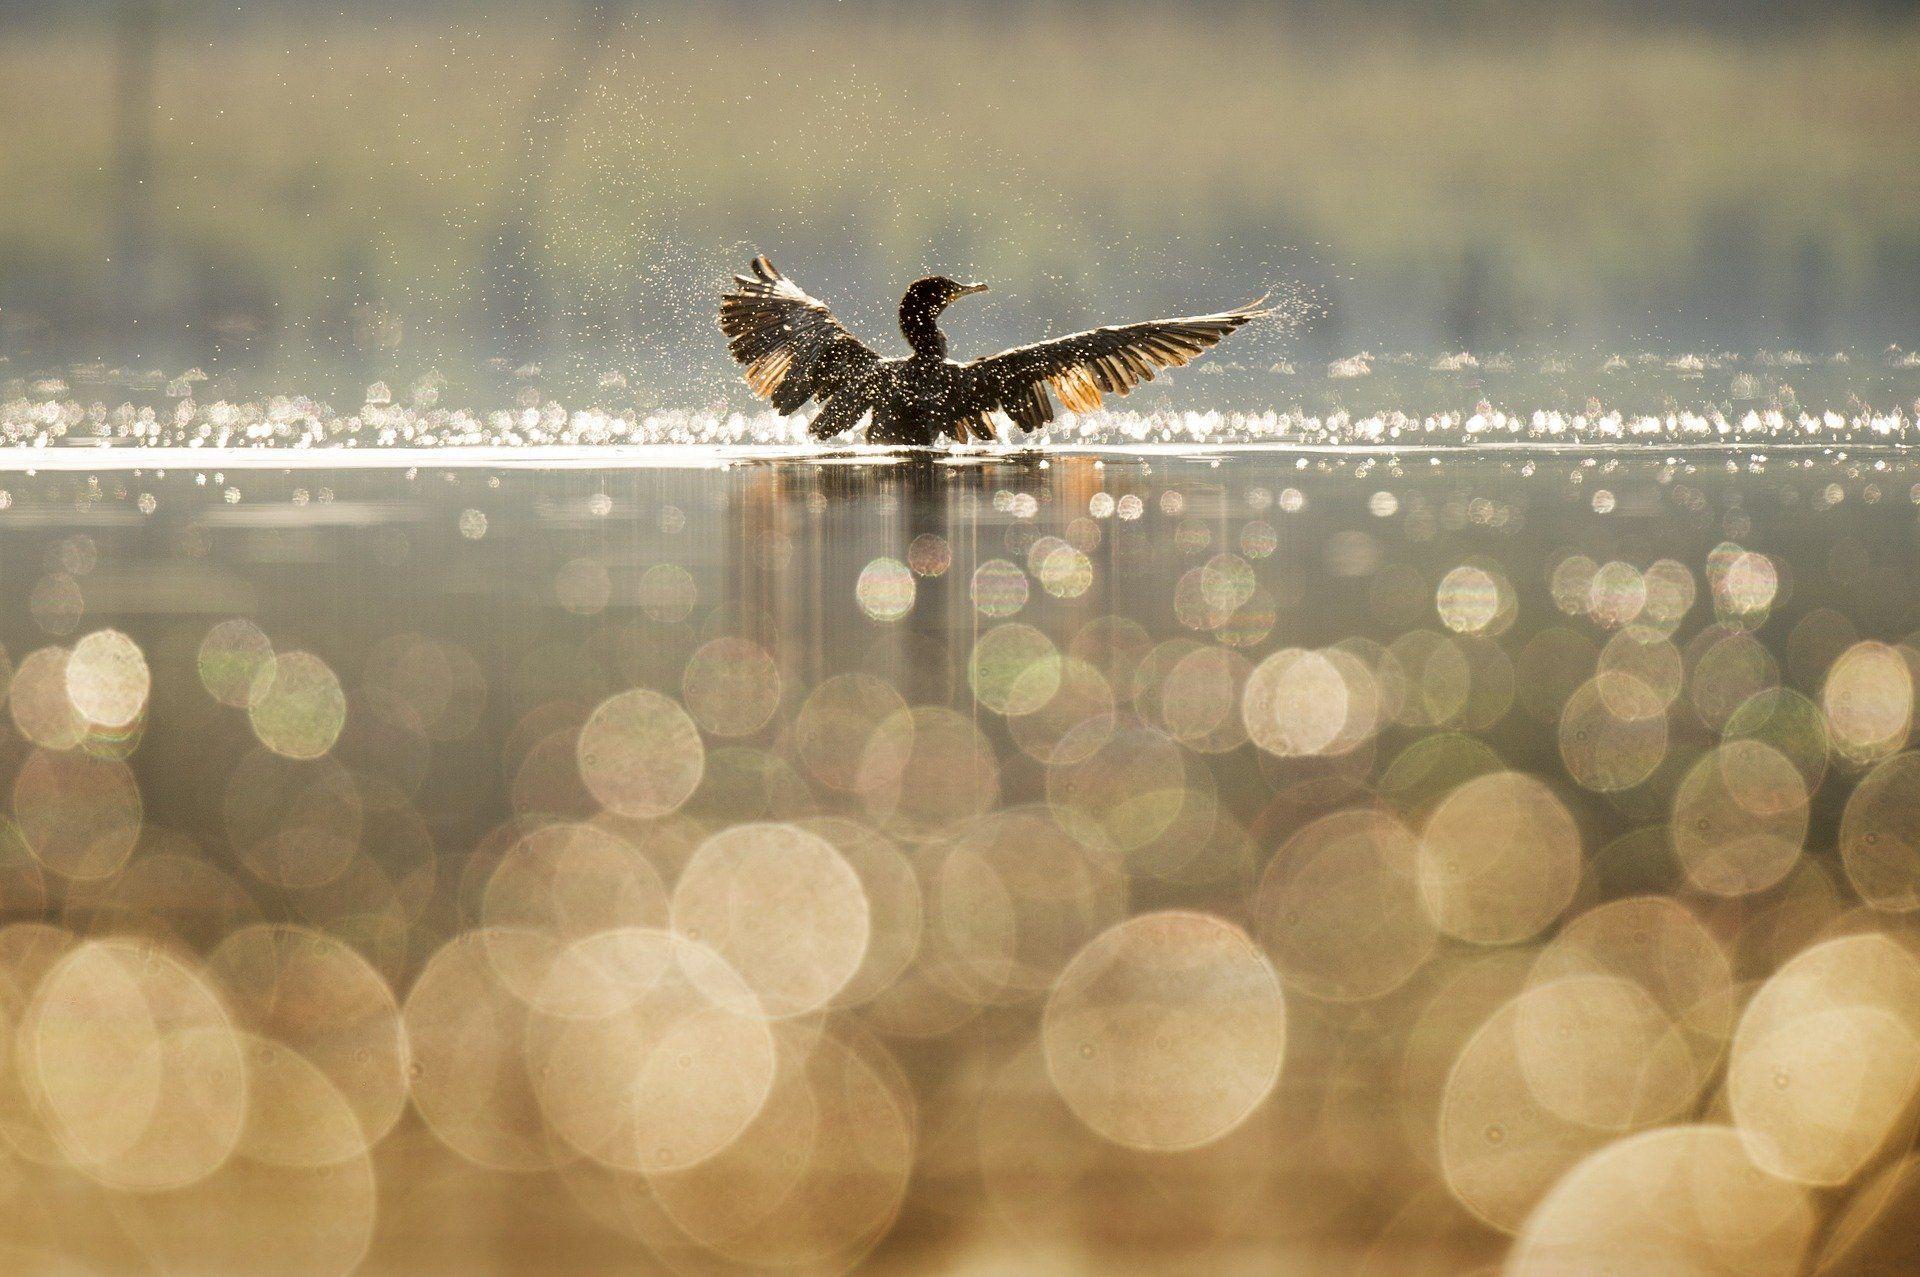 Скачать лучшее фото пестрой утки на воде